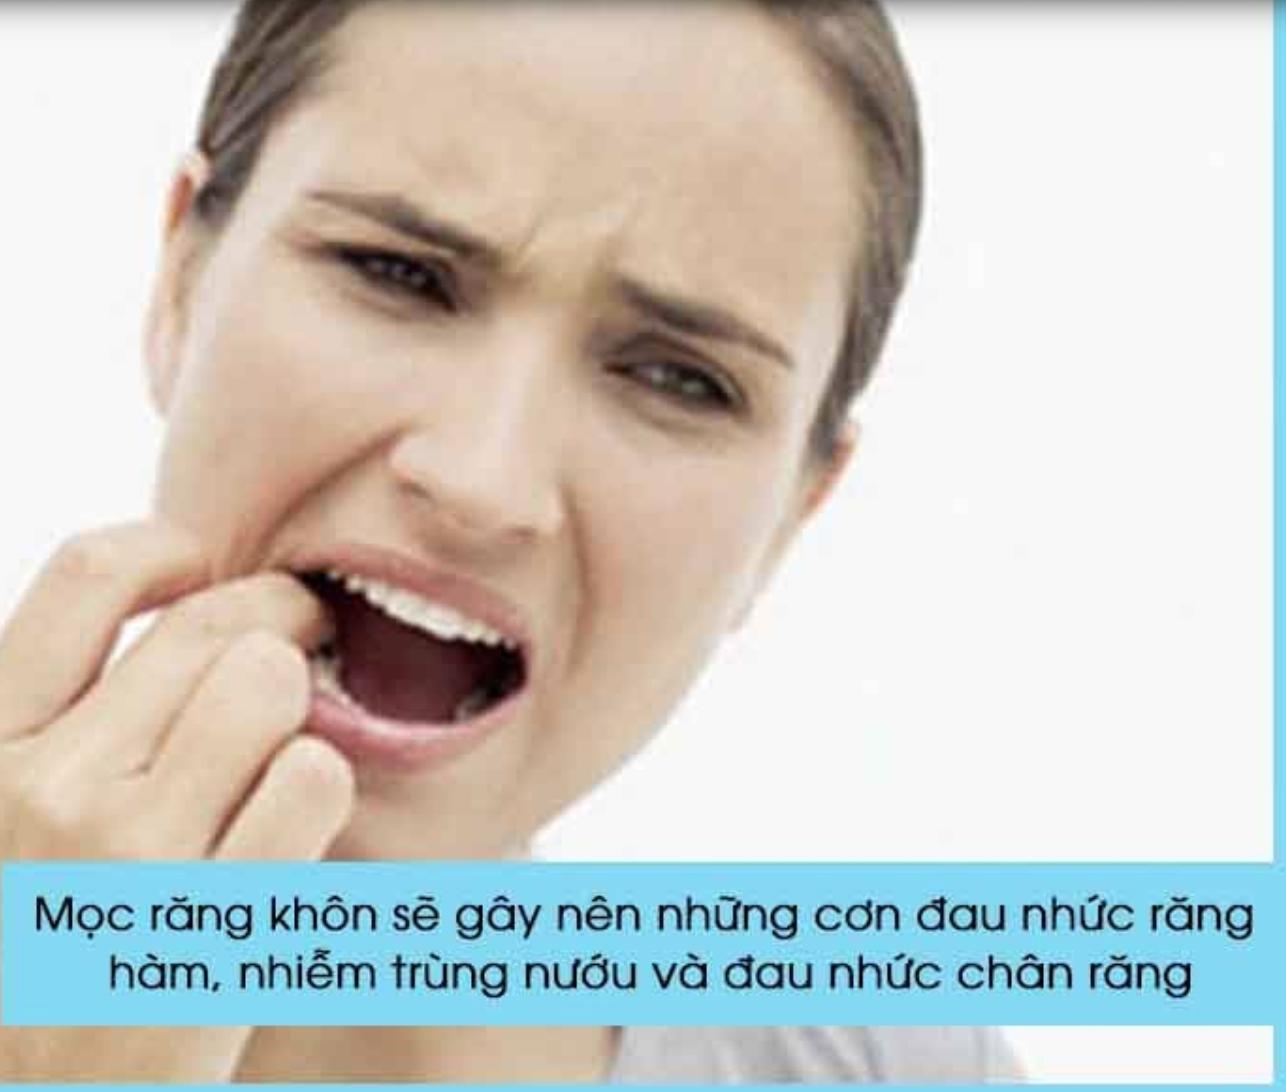 mọc răng khôn gây đau nhức